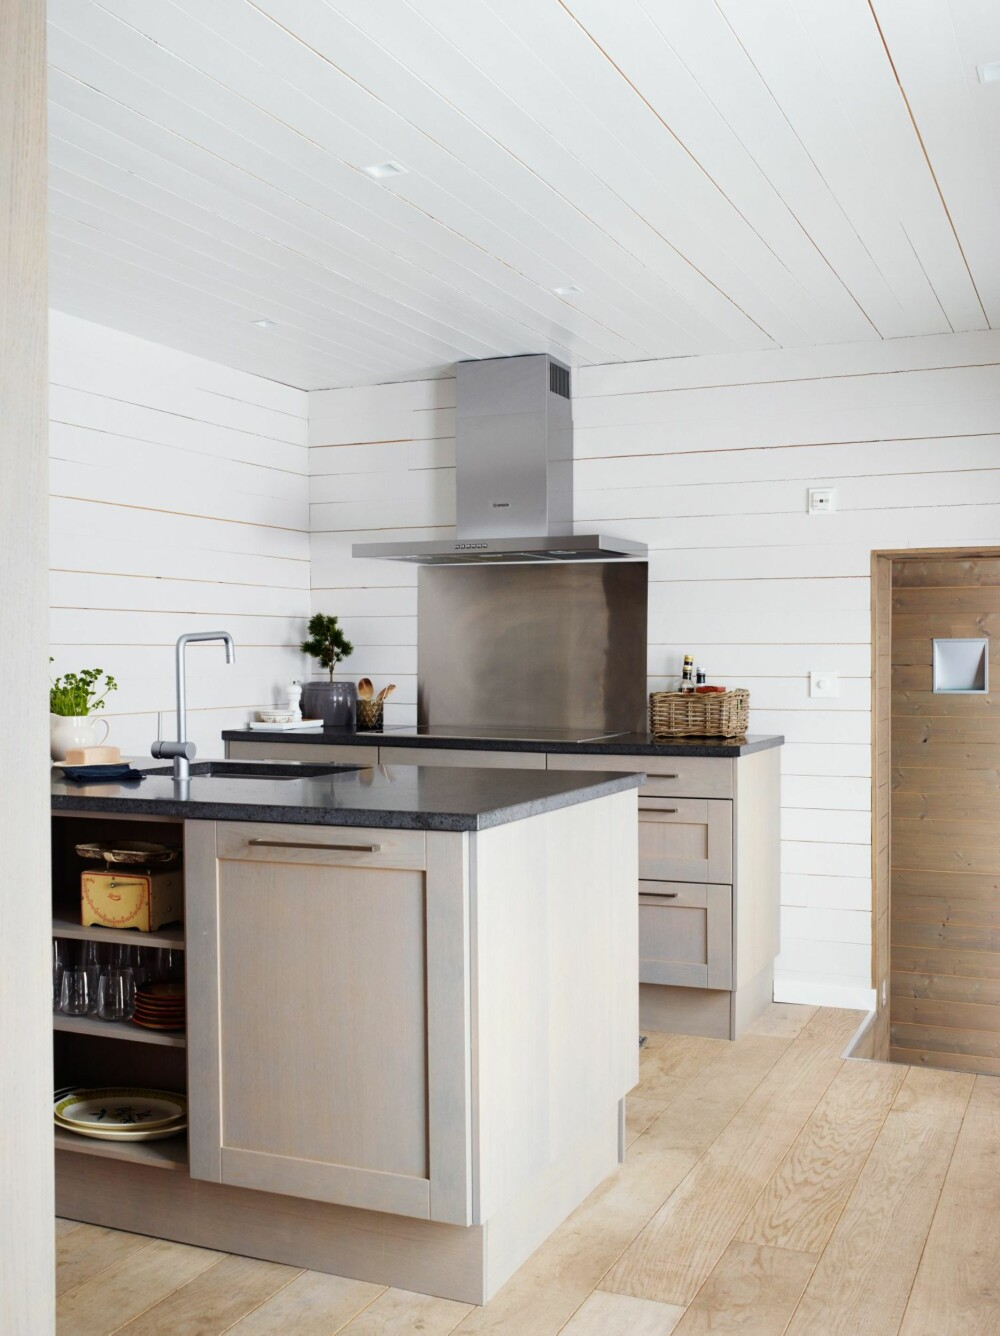 NØYTRAL PALETT: Kjøkkenet er fra Sigdal. Hytteeier og interiørarkitekt Marianne Følkner har lagt opp til en nøytral palett i hytta. - Hyttas komplekse form gir i seg selv kontraster og spennende overganger, forklarer hun. Marianne driver Magenta Interiørarkitekter sammen med Mie B. Grevstad.